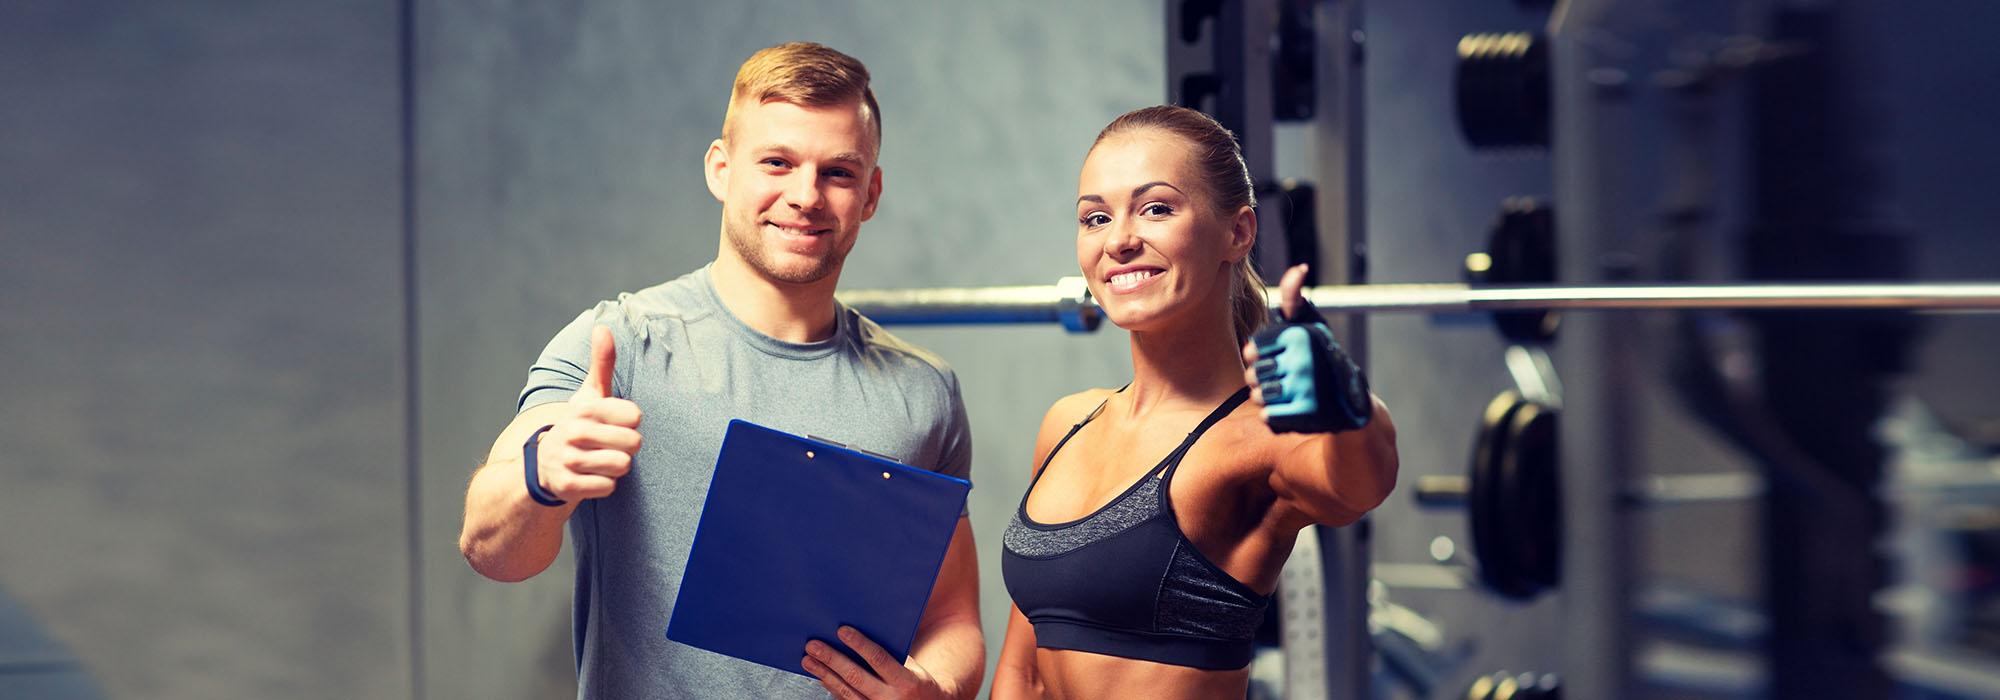 Kurs na instruktora fitness we Wrocławiu